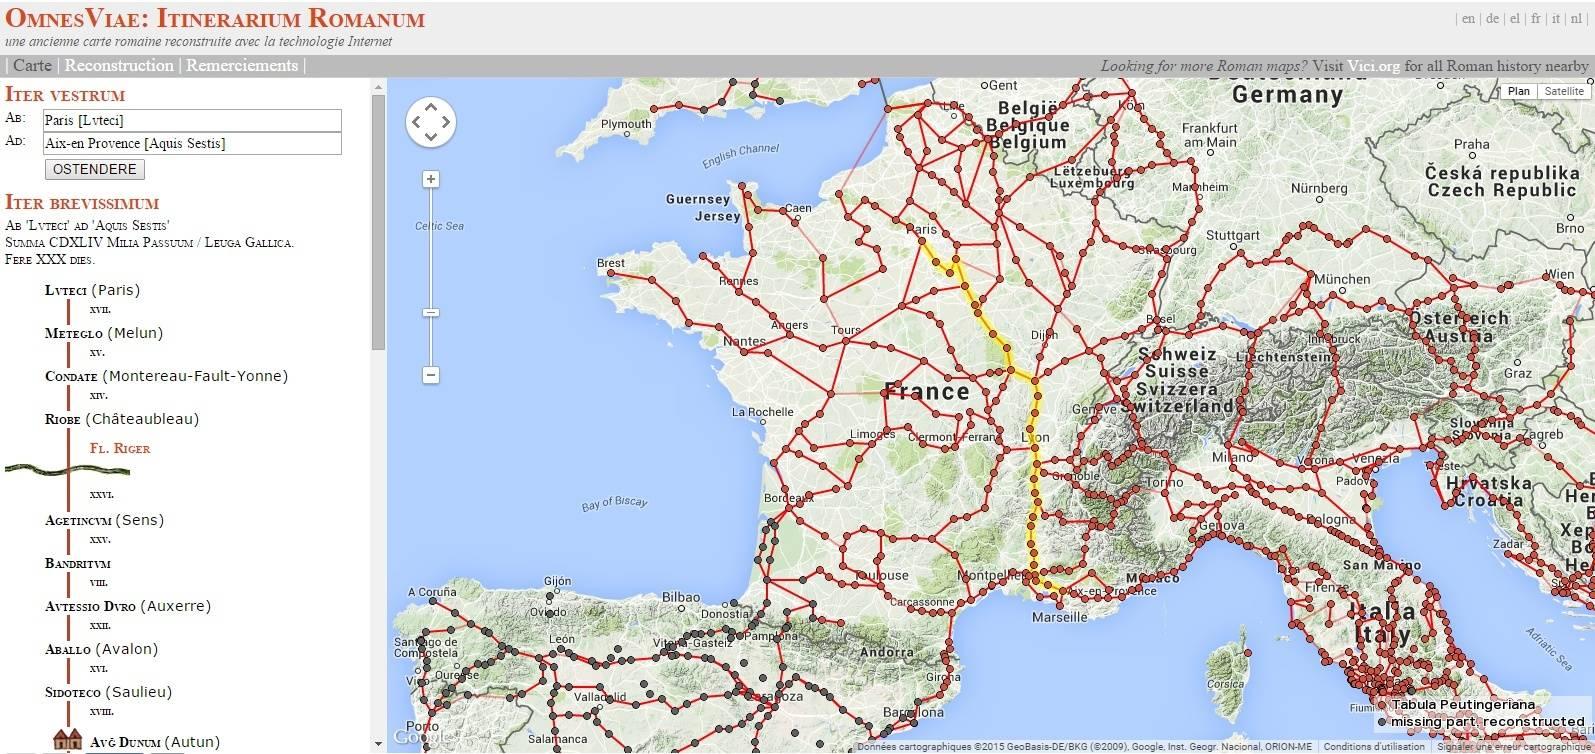 Google itinéraire par les ......voies romaines:OmnesViae: Itinerarium Romanum Iti_ro10